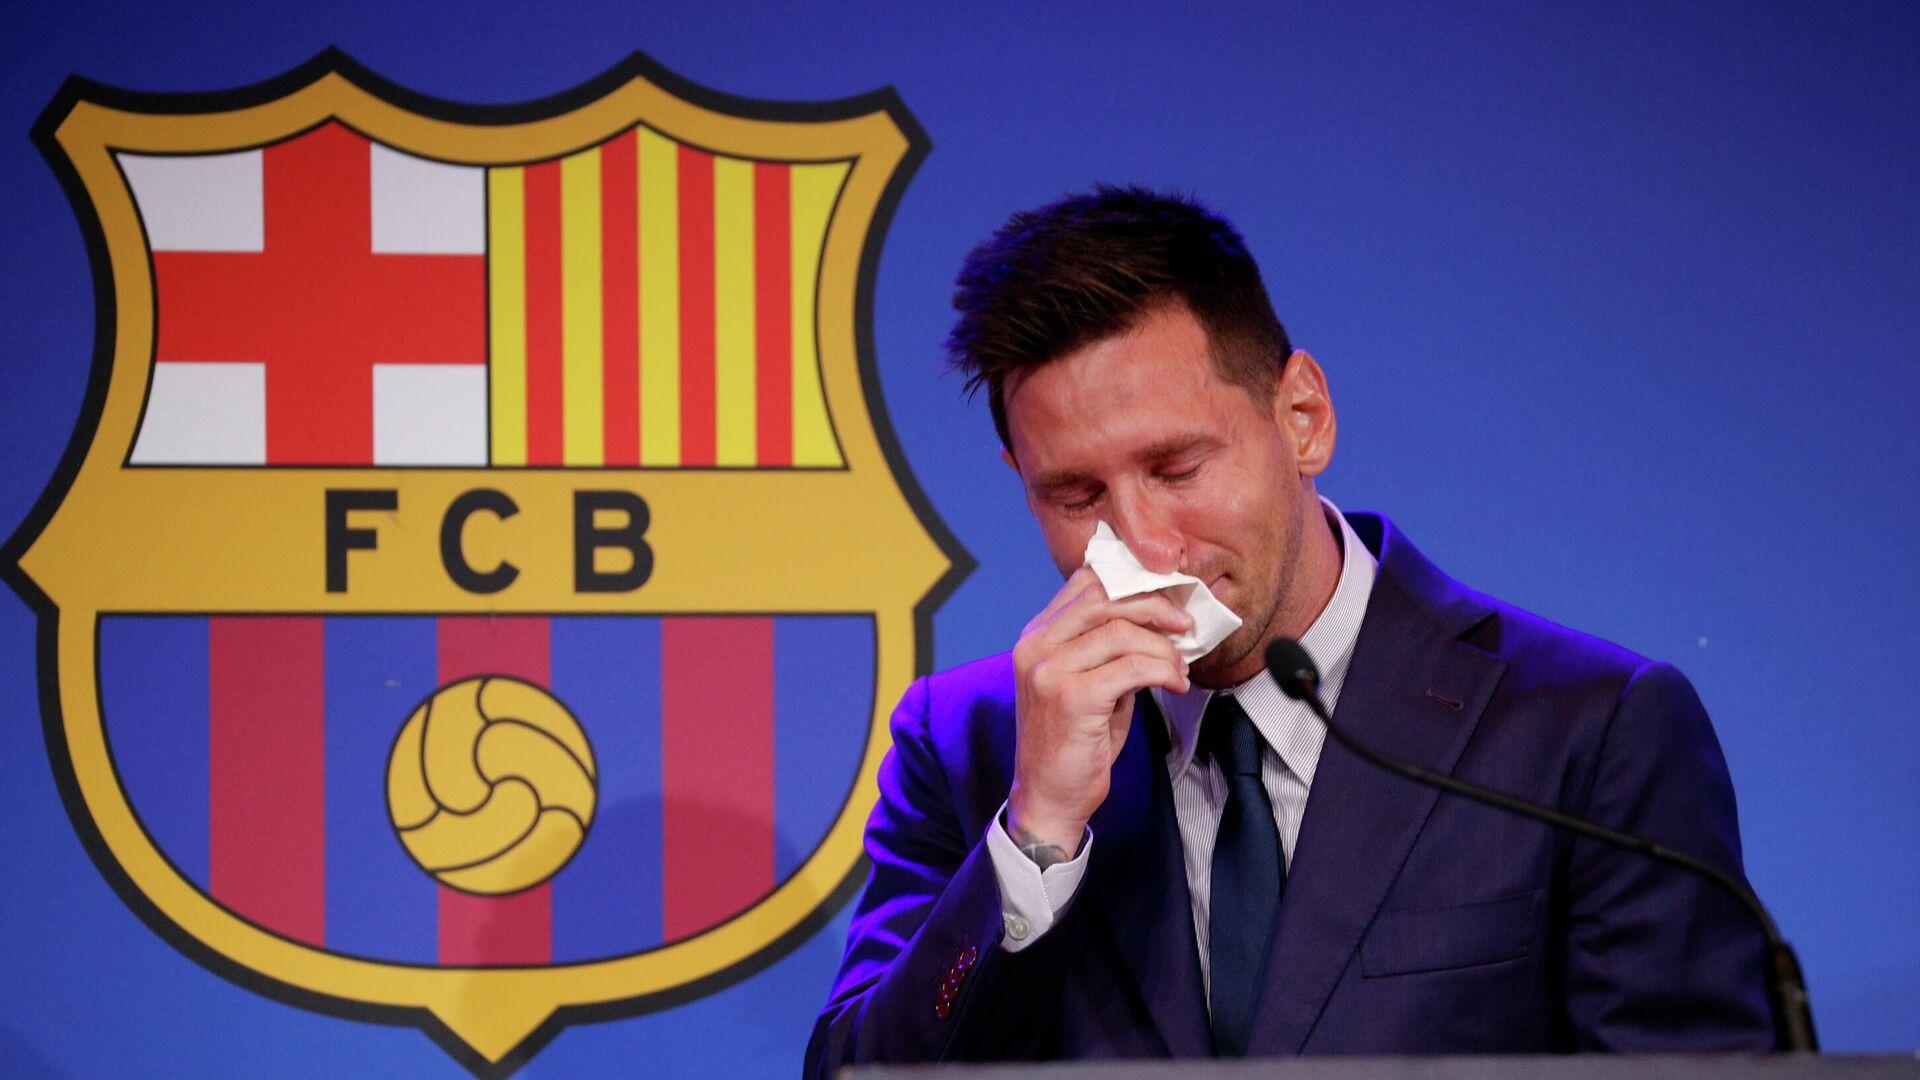 Лионель Месси на прощальной пресс-конференции по поводу ухода из испанского футбольного клуба Барселона - РИА Новости, 1920, 08.08.2021